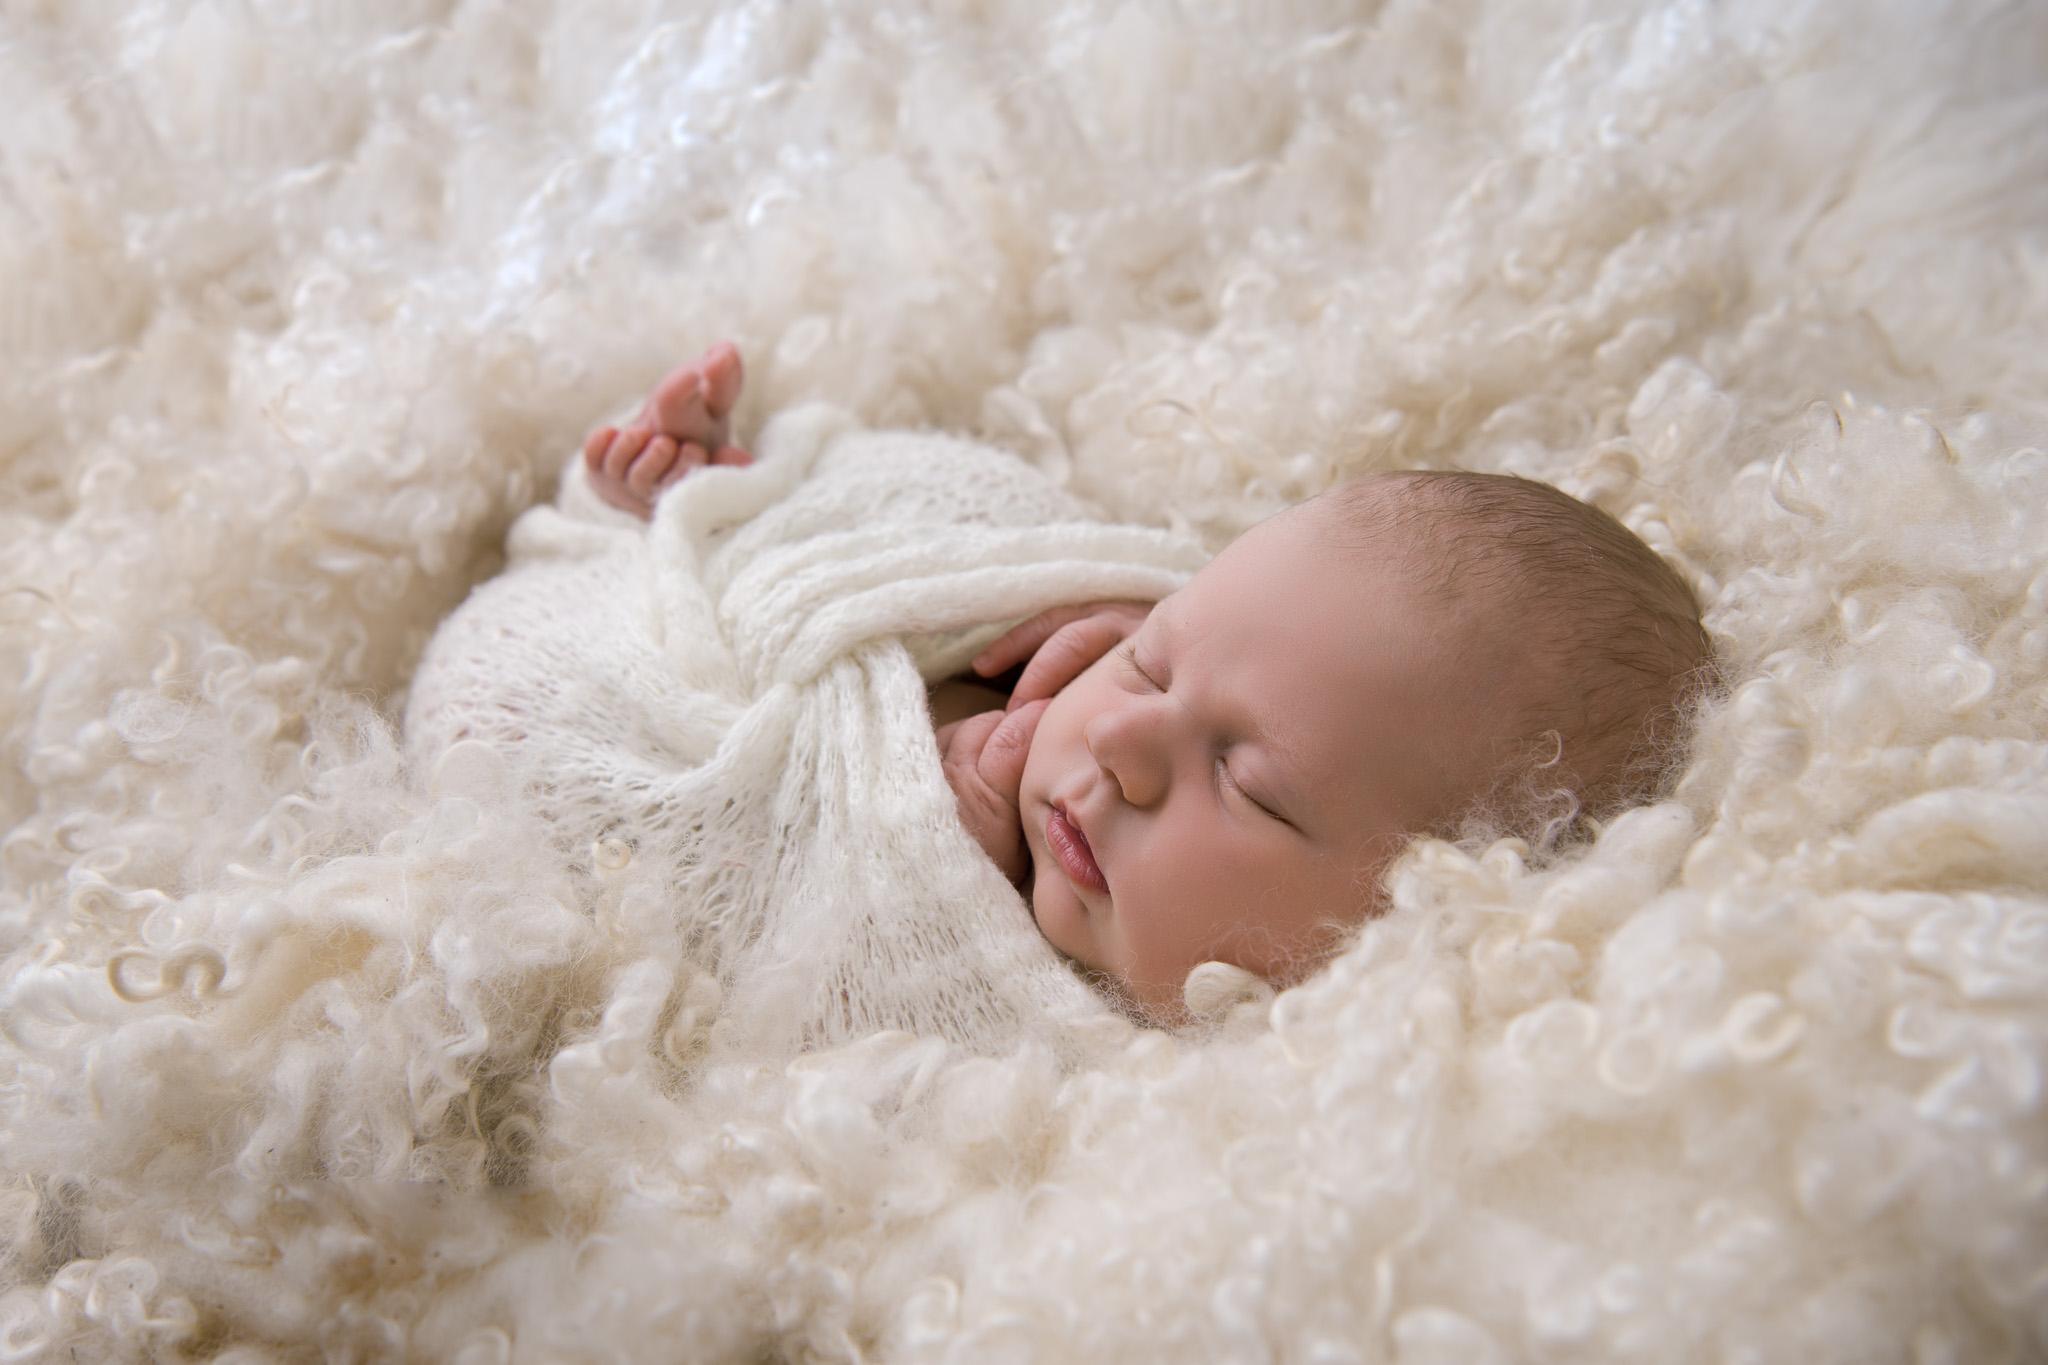 Barnfotograf Kristianstad Smallmoments by Any-photo -2060